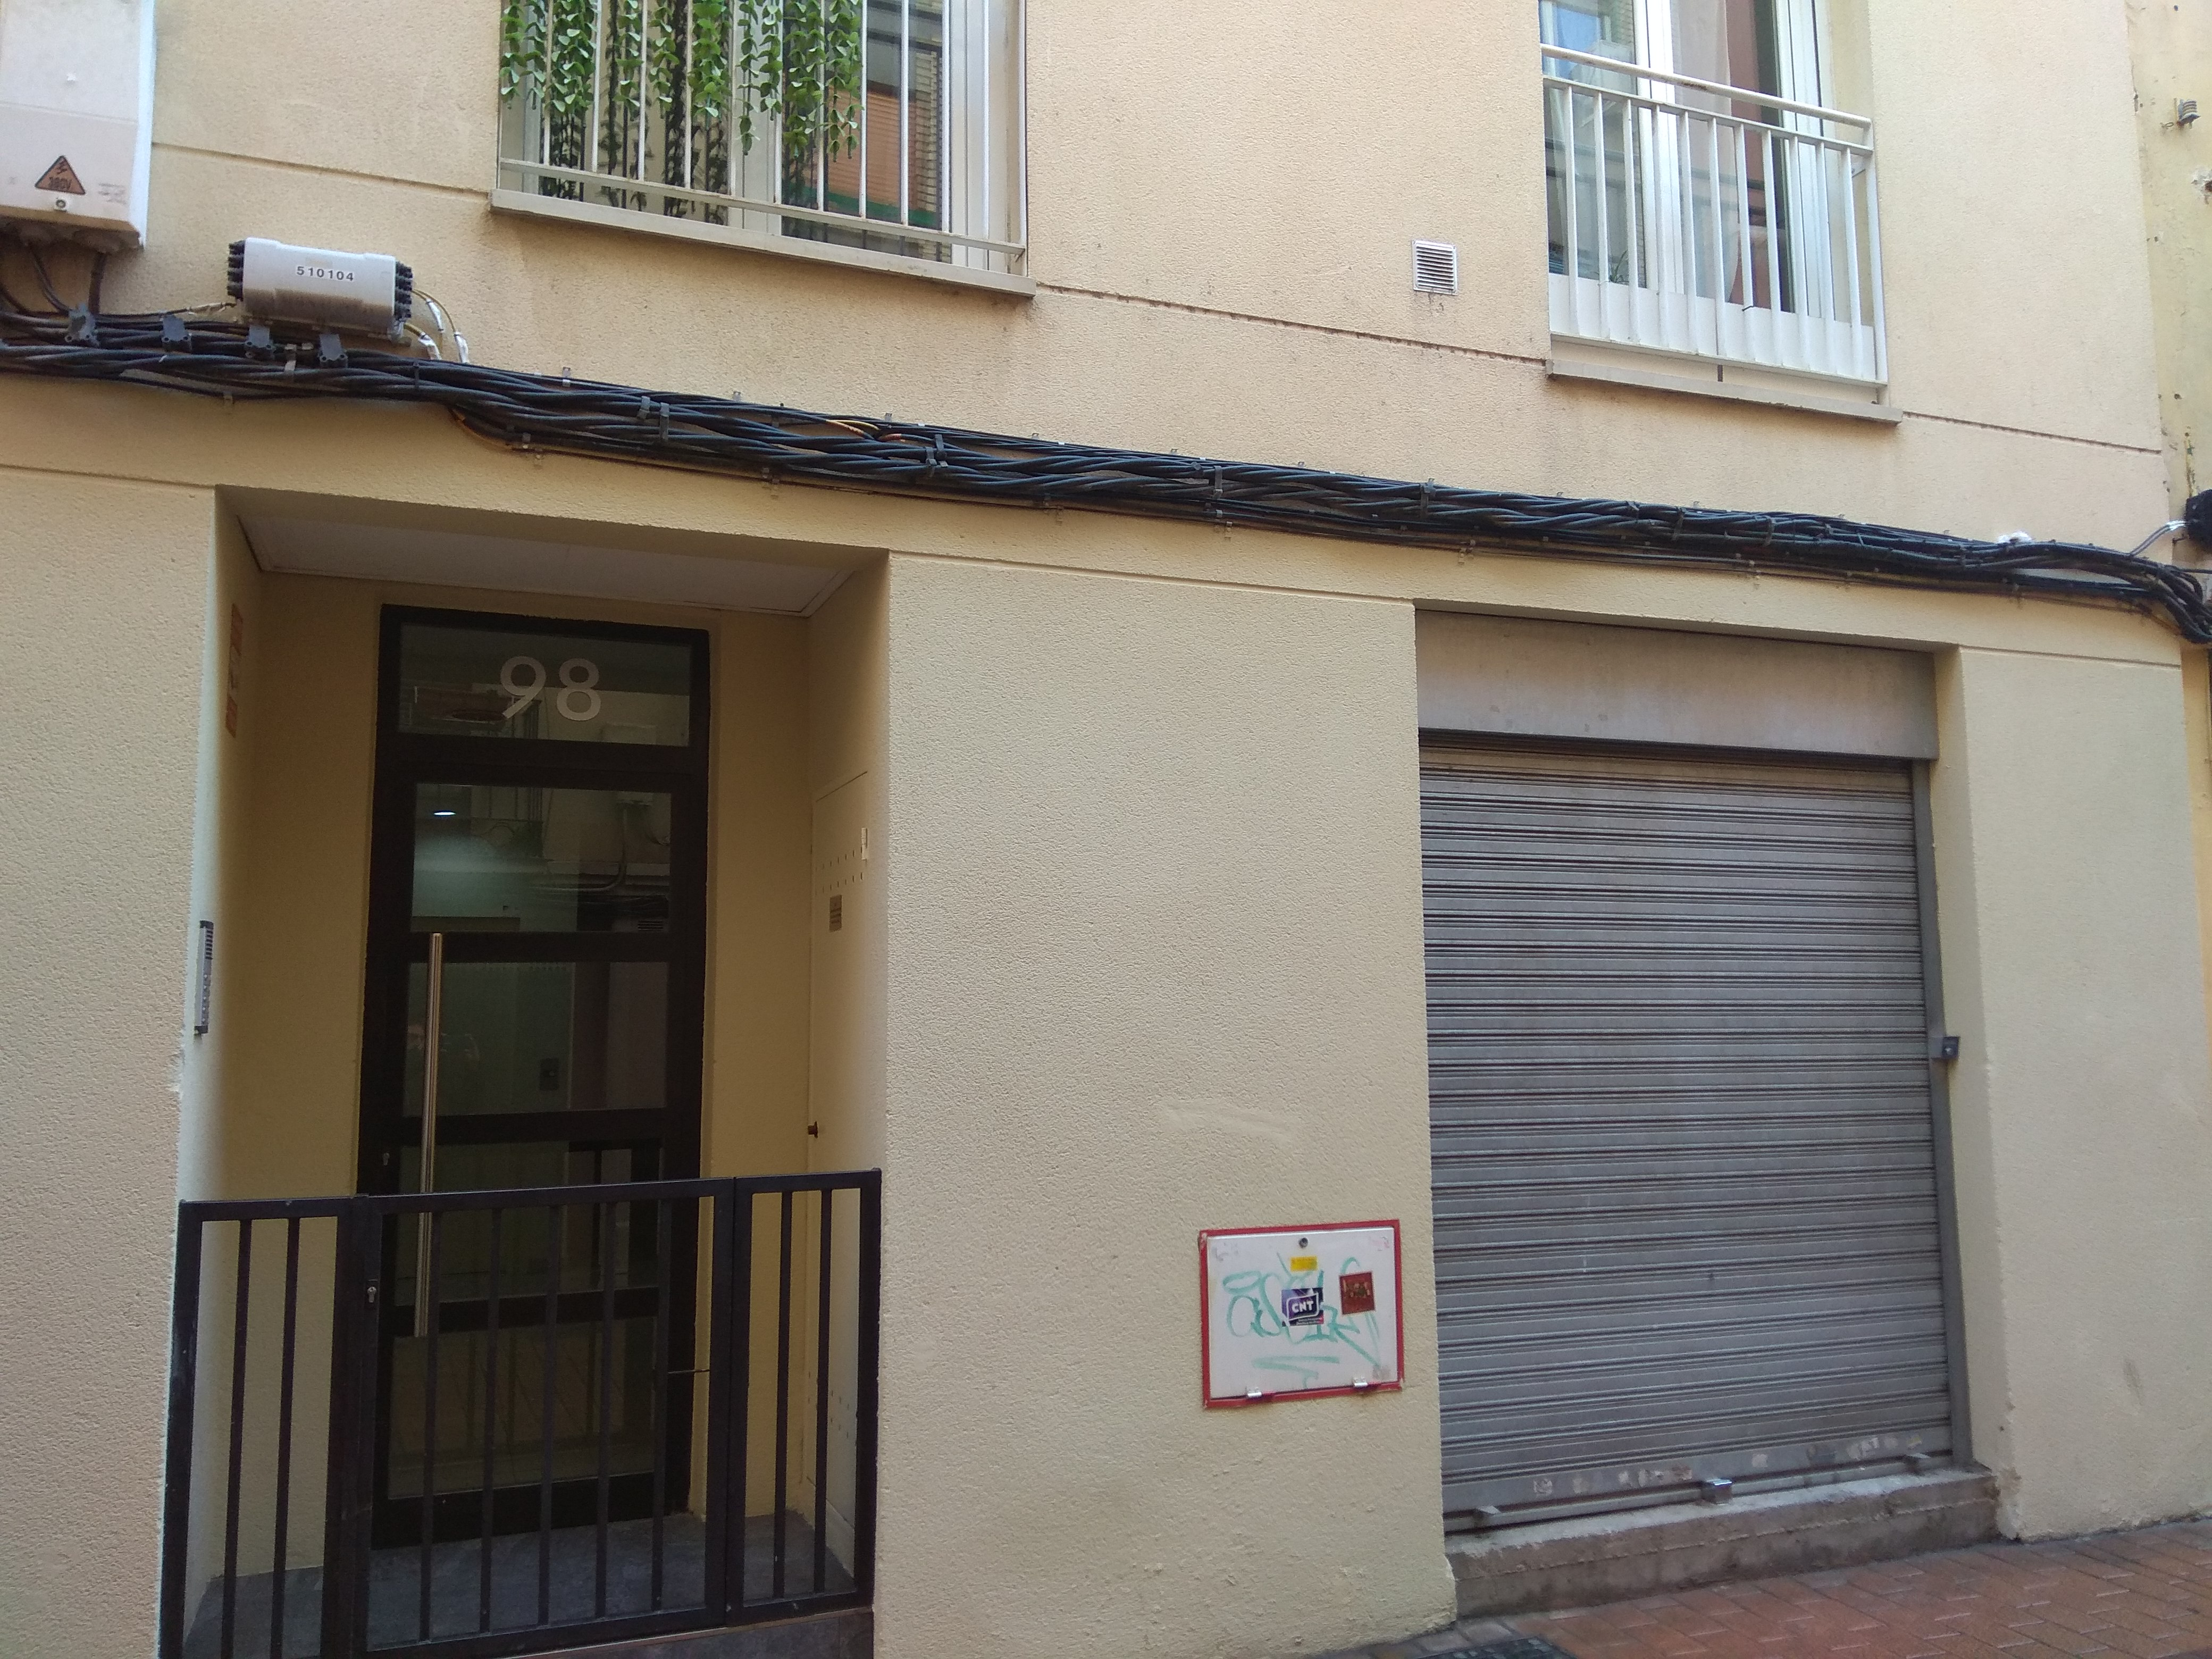 Local de obra de 69 metros en el Casco Histórico de Zaragoza, calle Boggiero, junto a la calle Mayoral